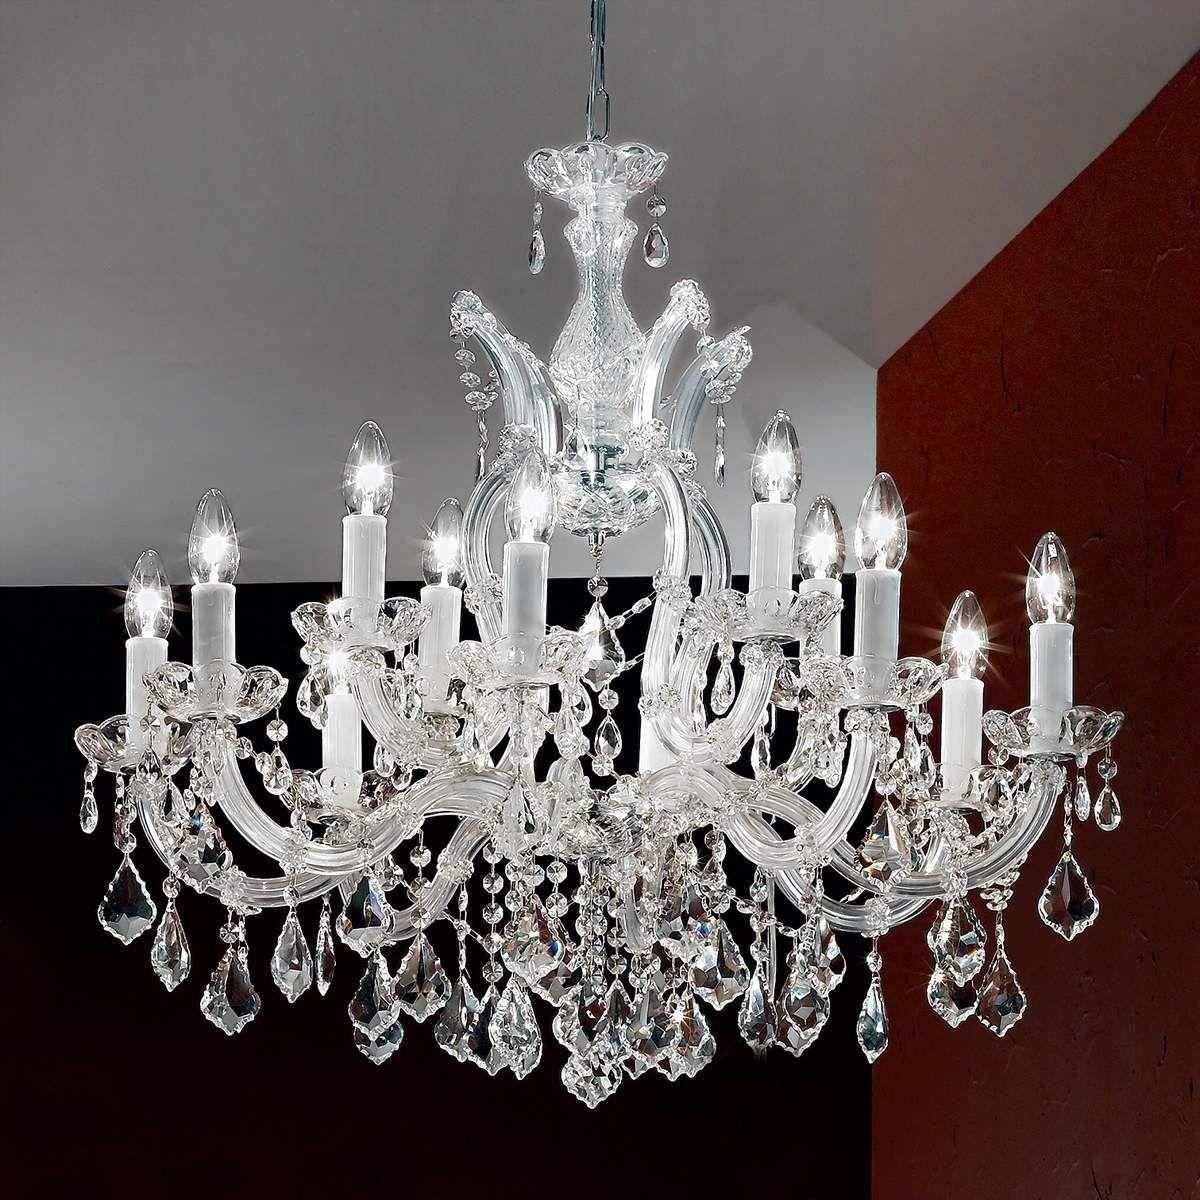 Kronleuchter Mit Lampenschirmen Moderne Kronlechter Hier: Kronleuchter Groß Weiß